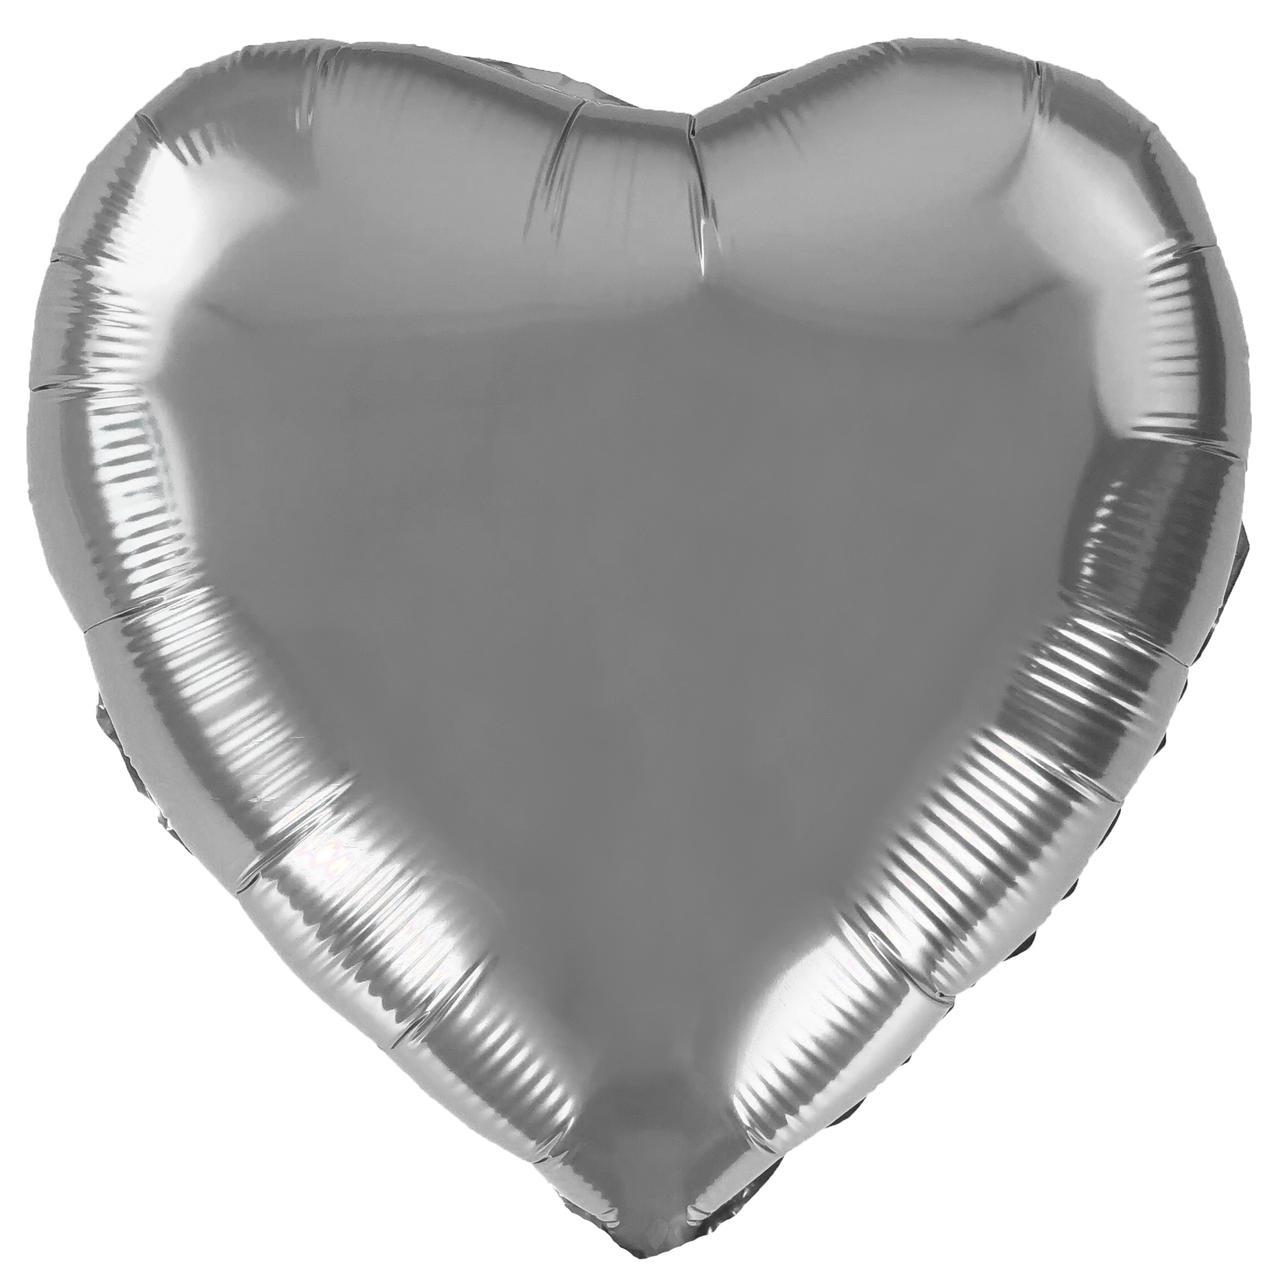 Фольгированный шар 5' Китай Сердце серебро, 12 см